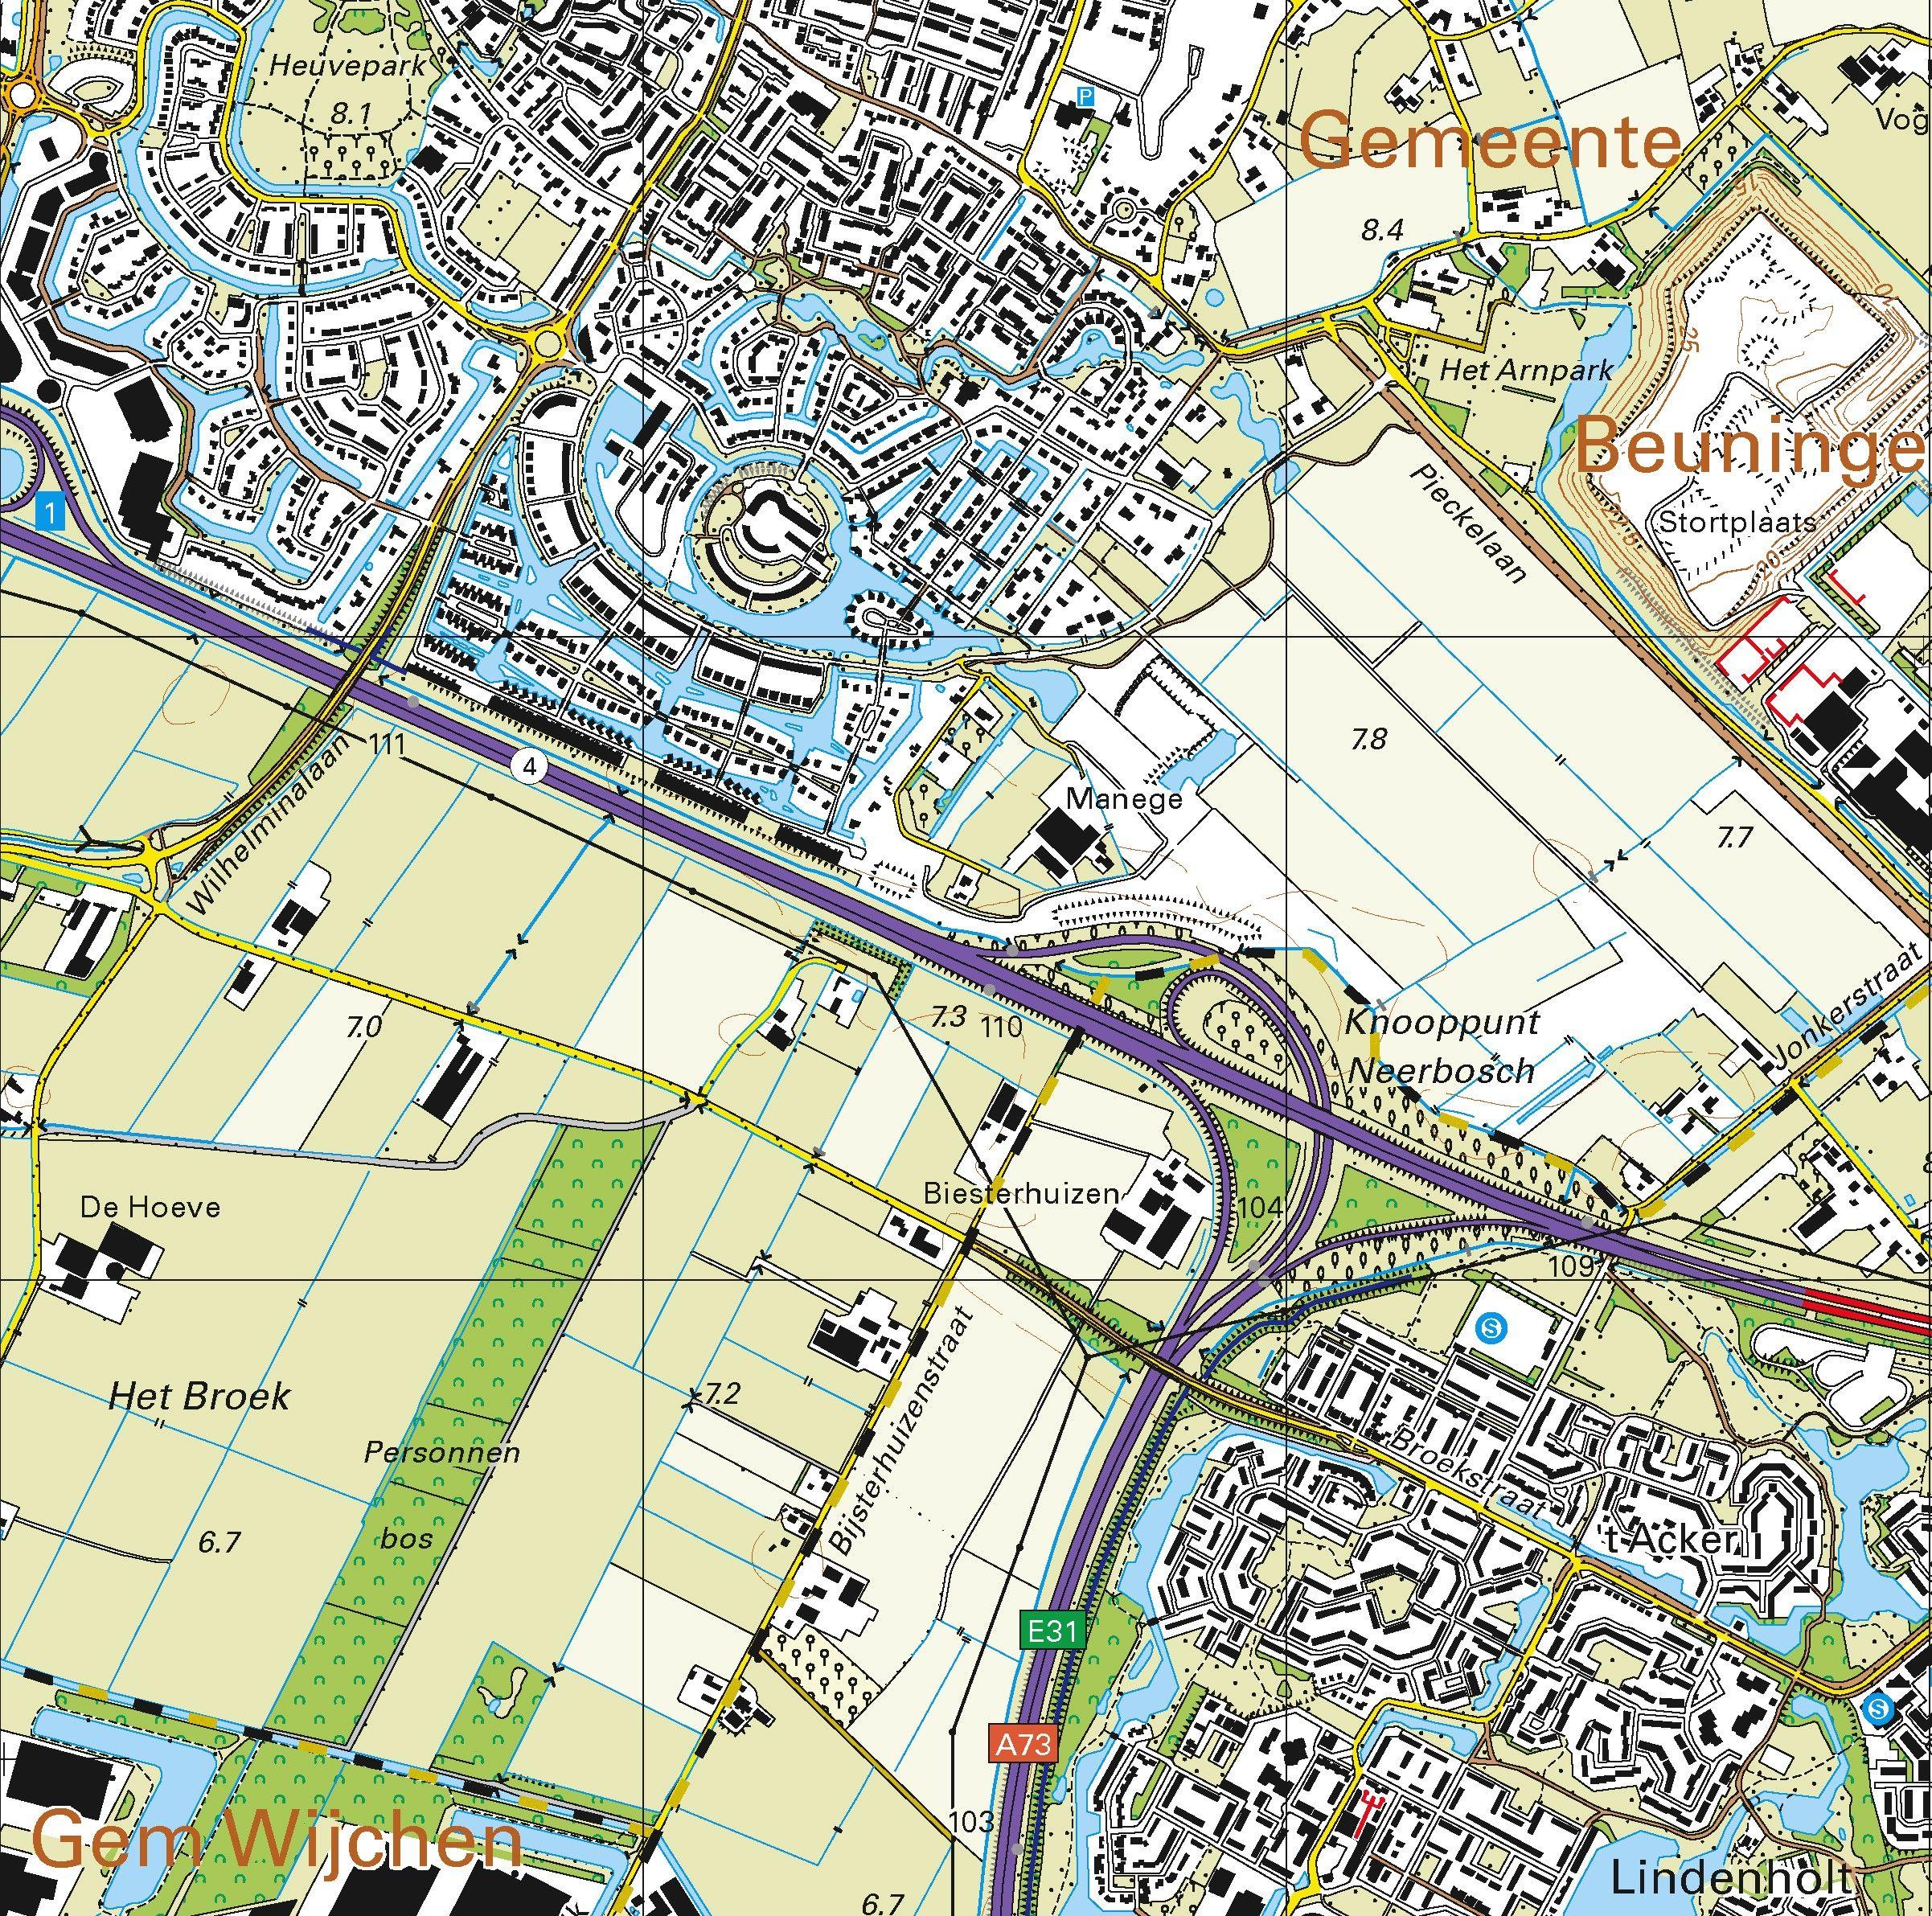 Topografische kaart schaal 1:25.000 (Nijmegen, Wijchen, Beuningen, Malden, Cuijk,Grave)